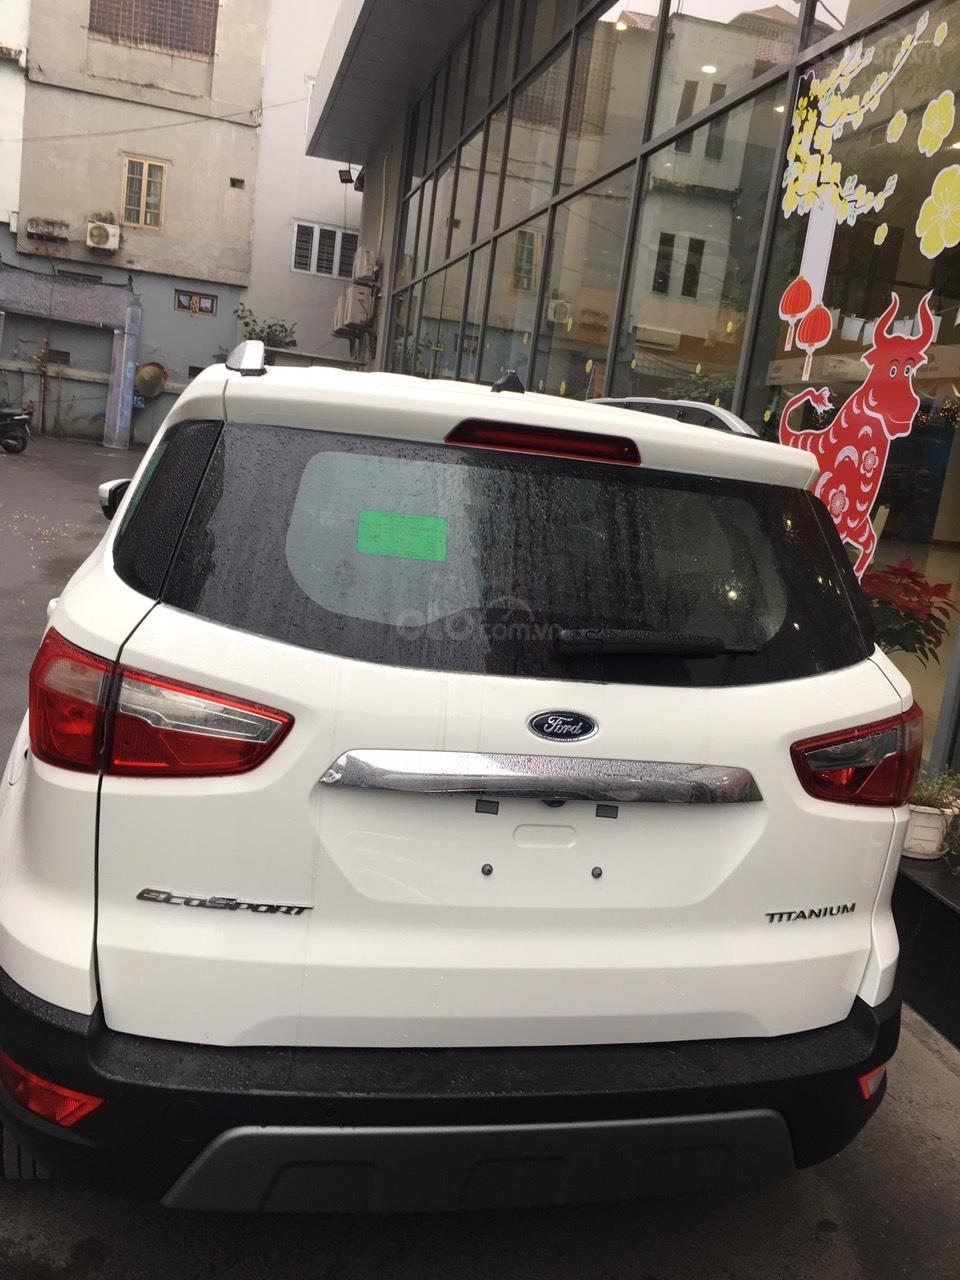 Hỗ trợ 50% lệ phí trước bạ và tặng kèm phụ kiện khi mua xe Ford Ecosport Titanium (2)